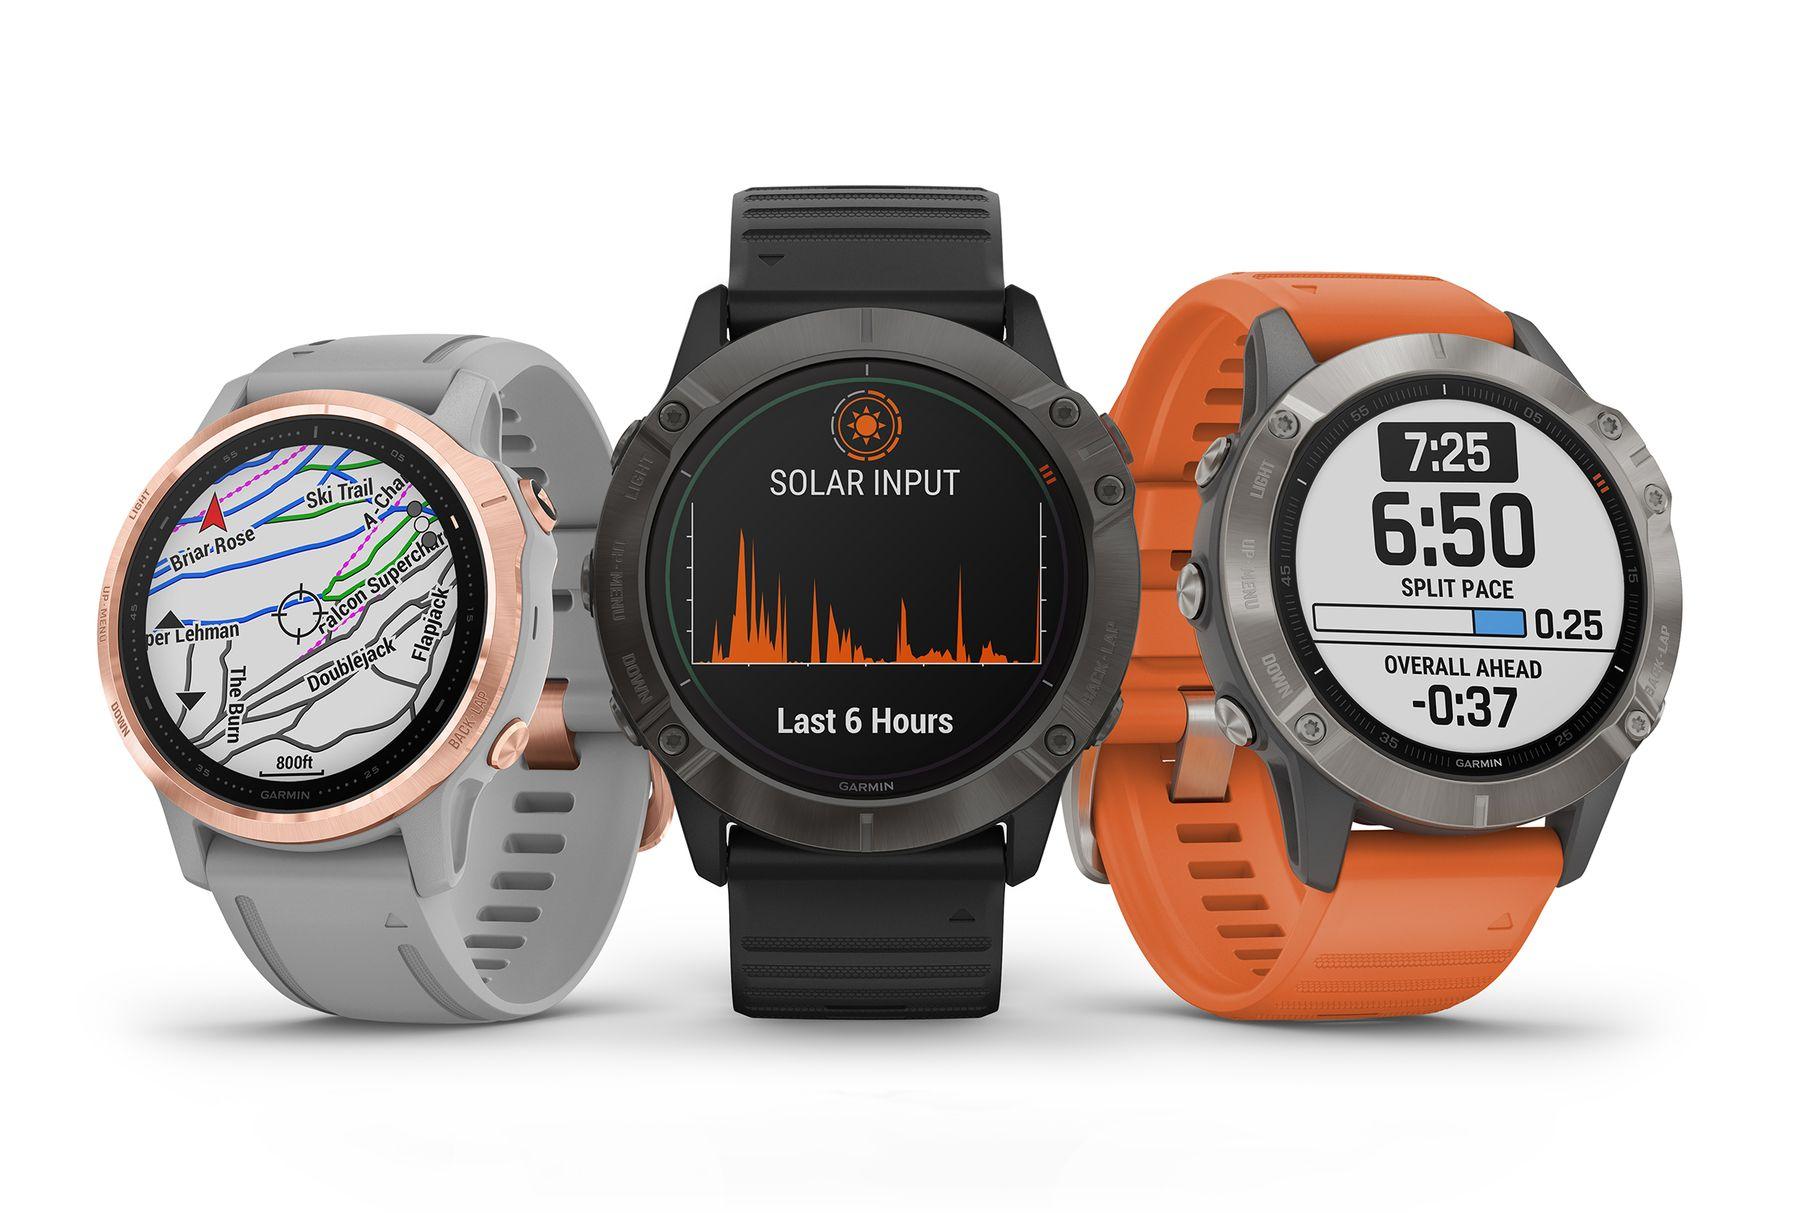 Garmin představil nové Fenix hodinky se solárním dobíjením